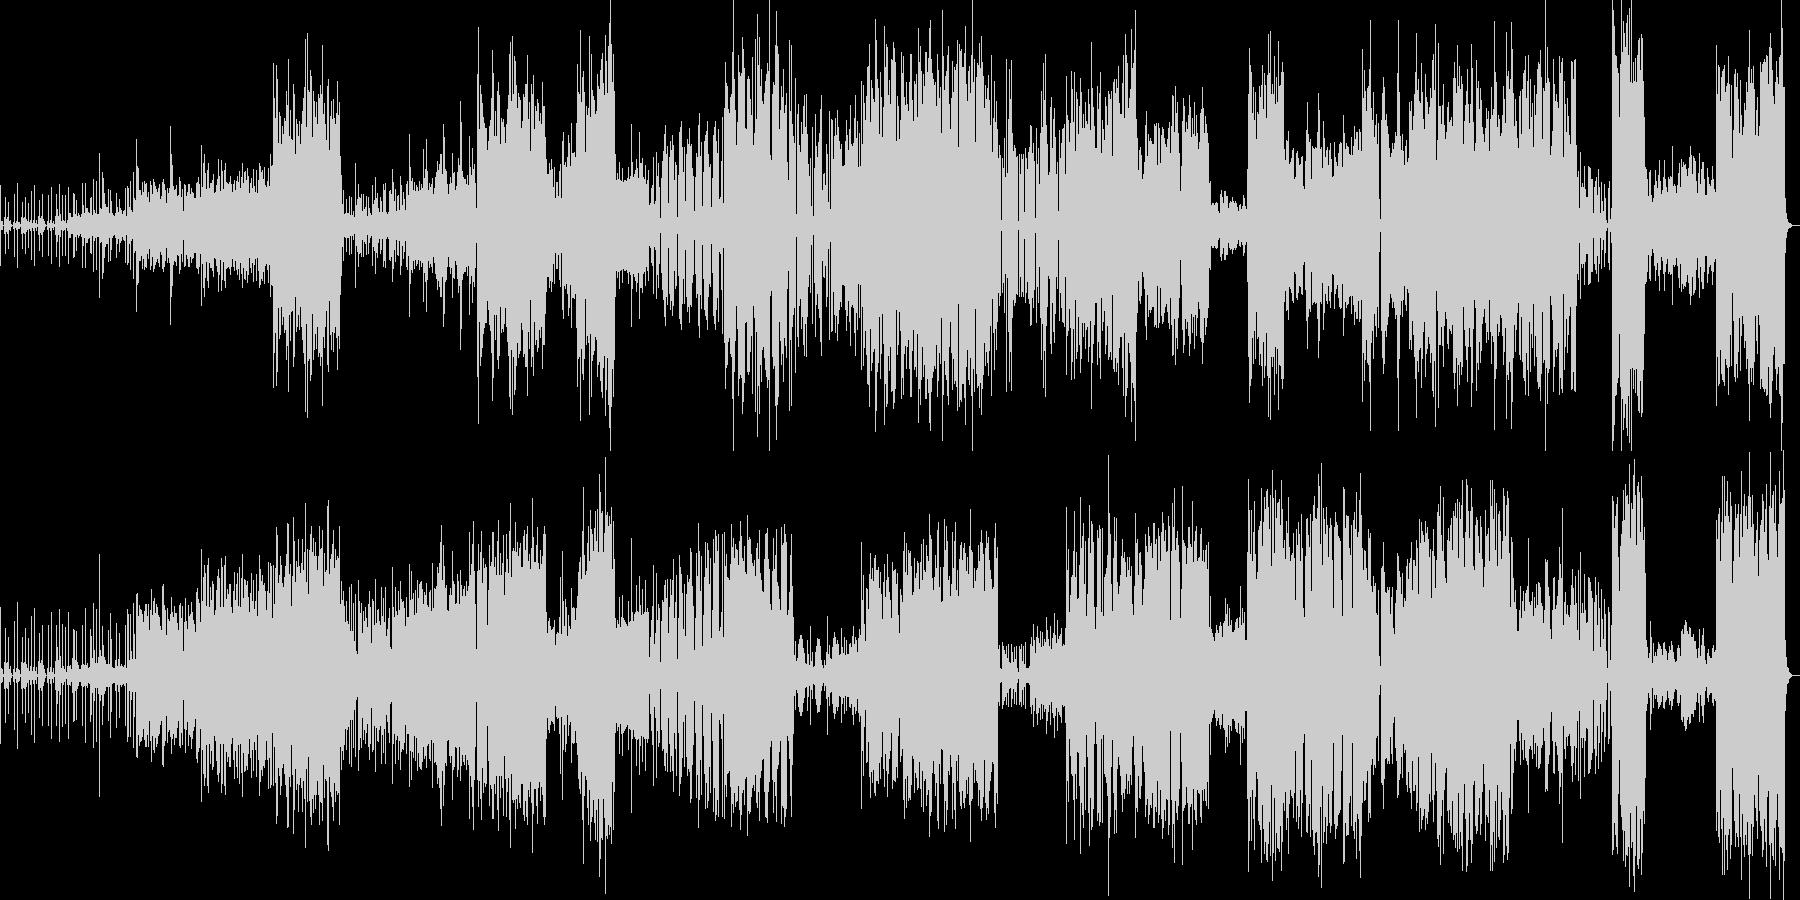 アイリッシュ風な曲(3曲メドレー)の未再生の波形